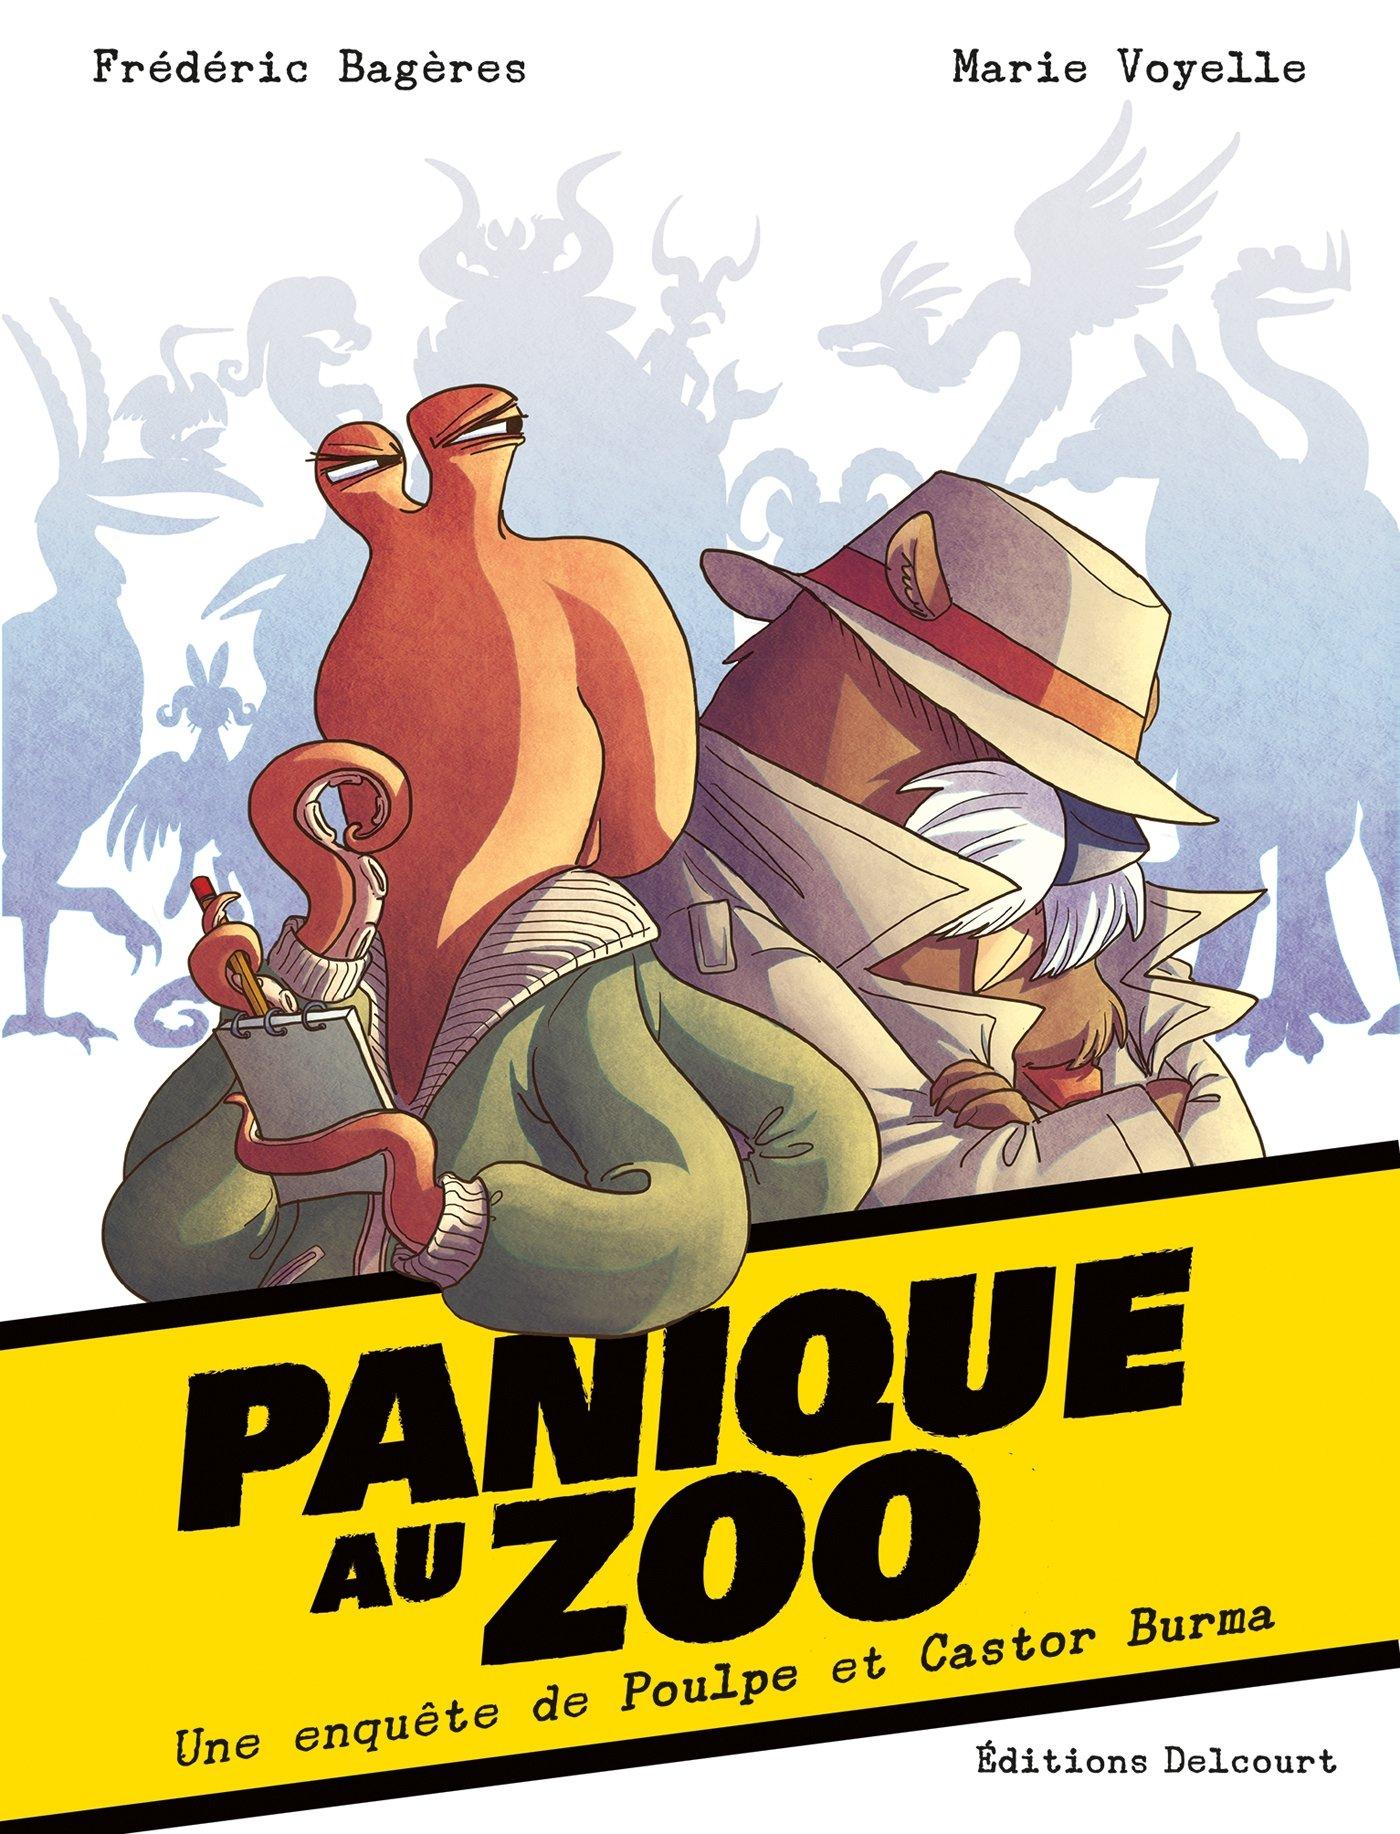 Enquête au zoo 1 - Panique au Zoo. Une enquête de Poulpe et Castor Burma